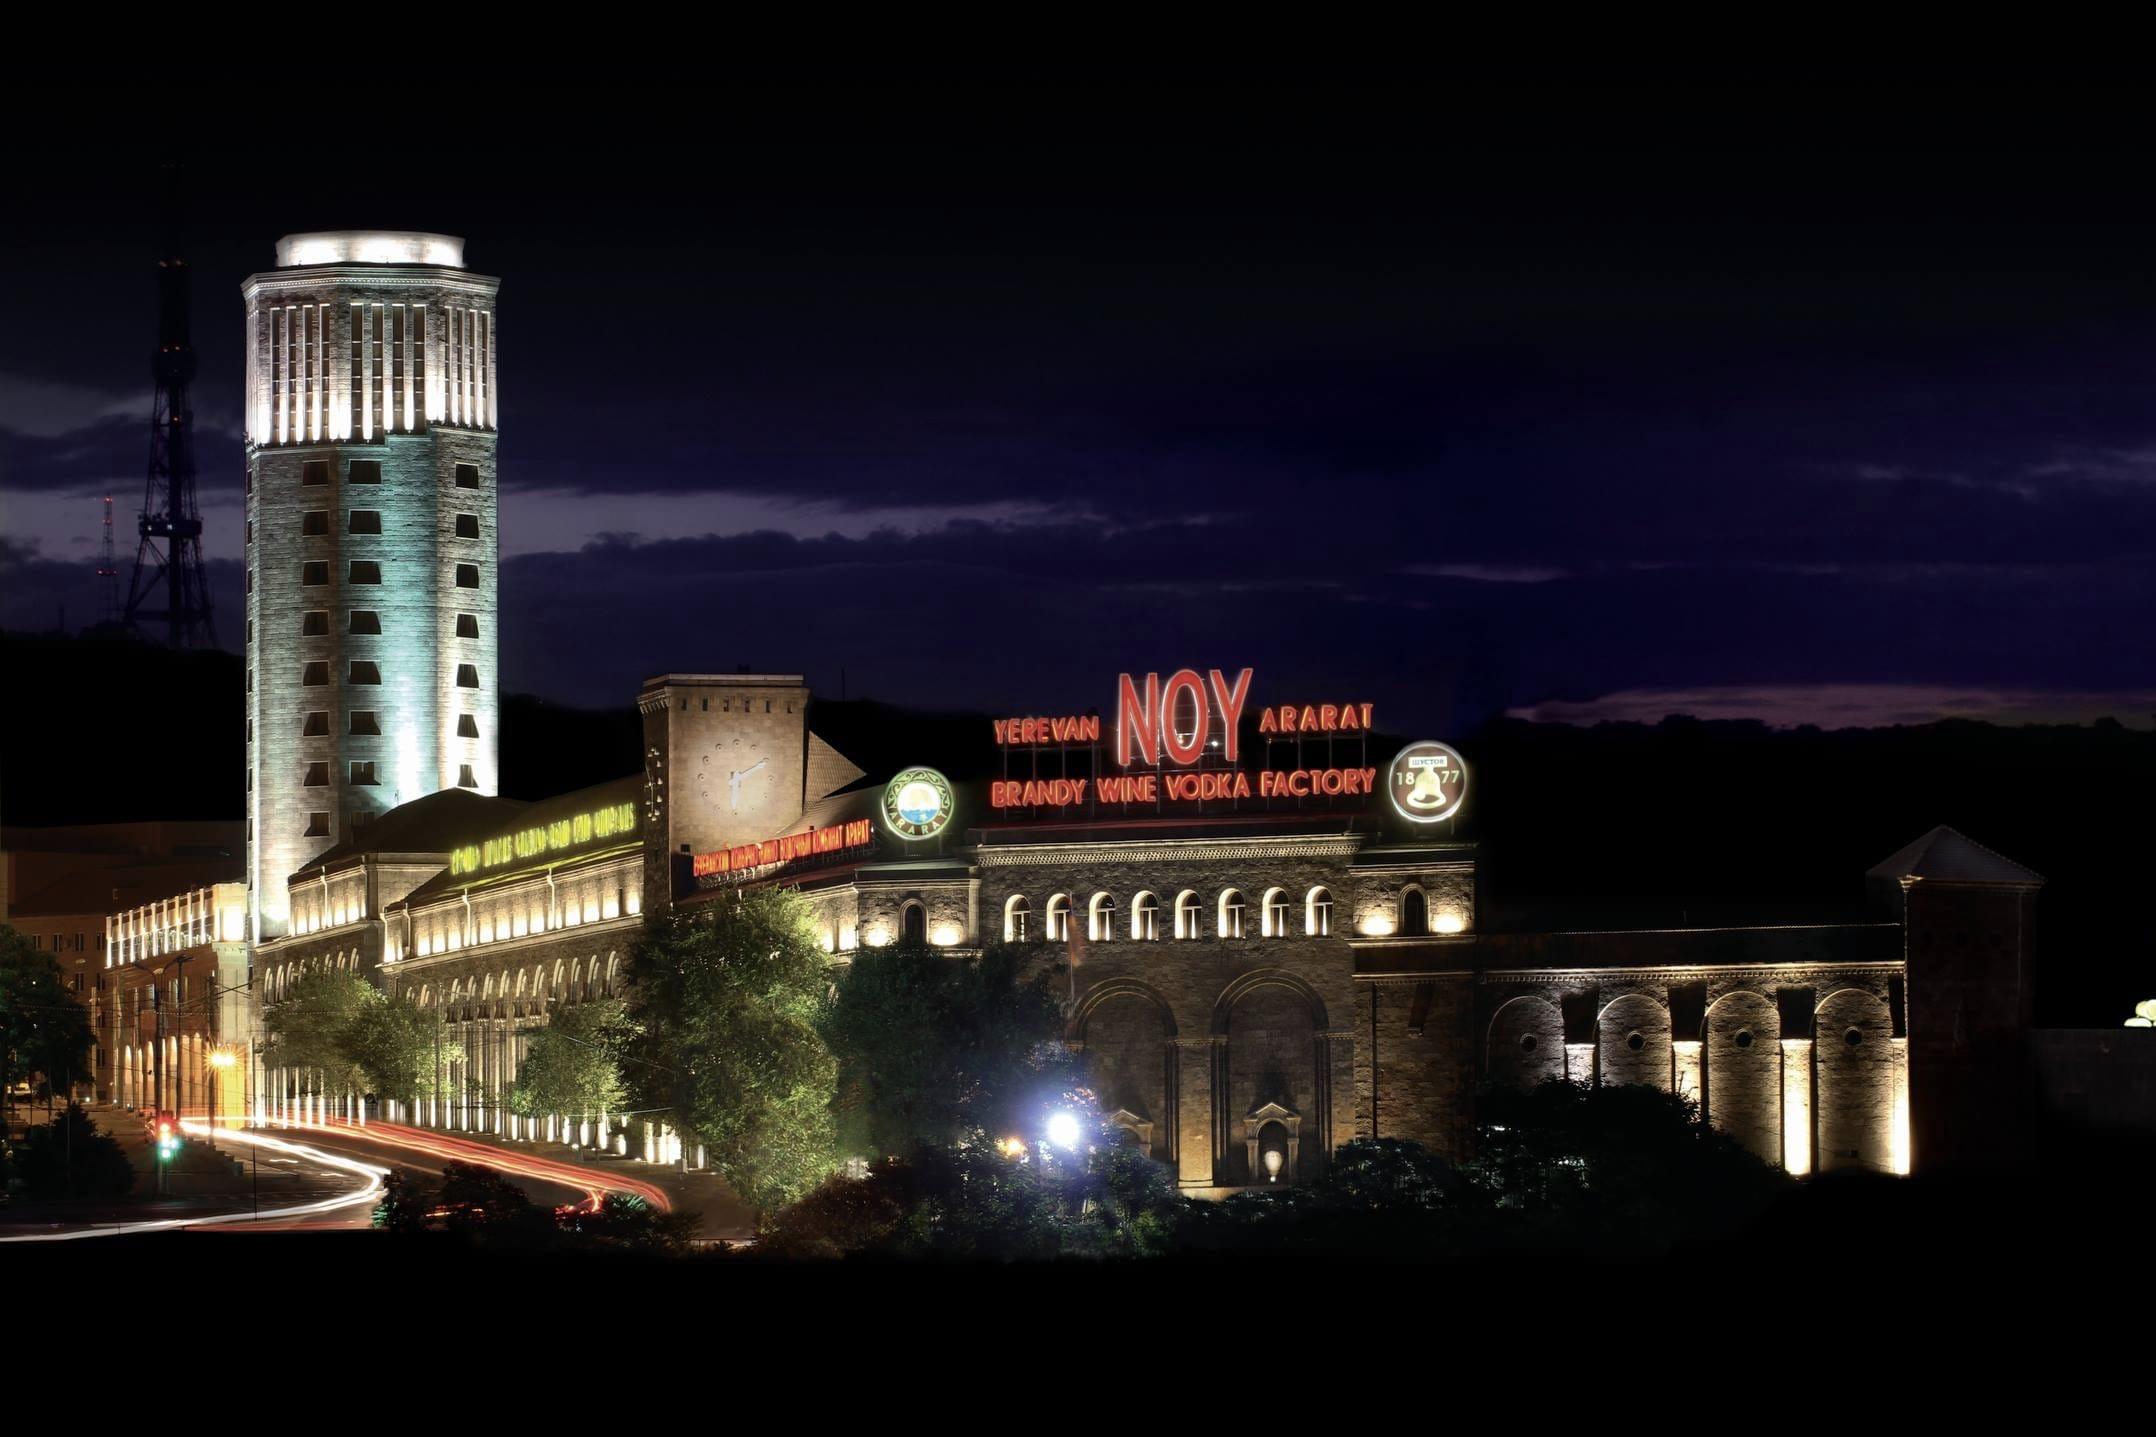 Noy Wine Factory Yerevan